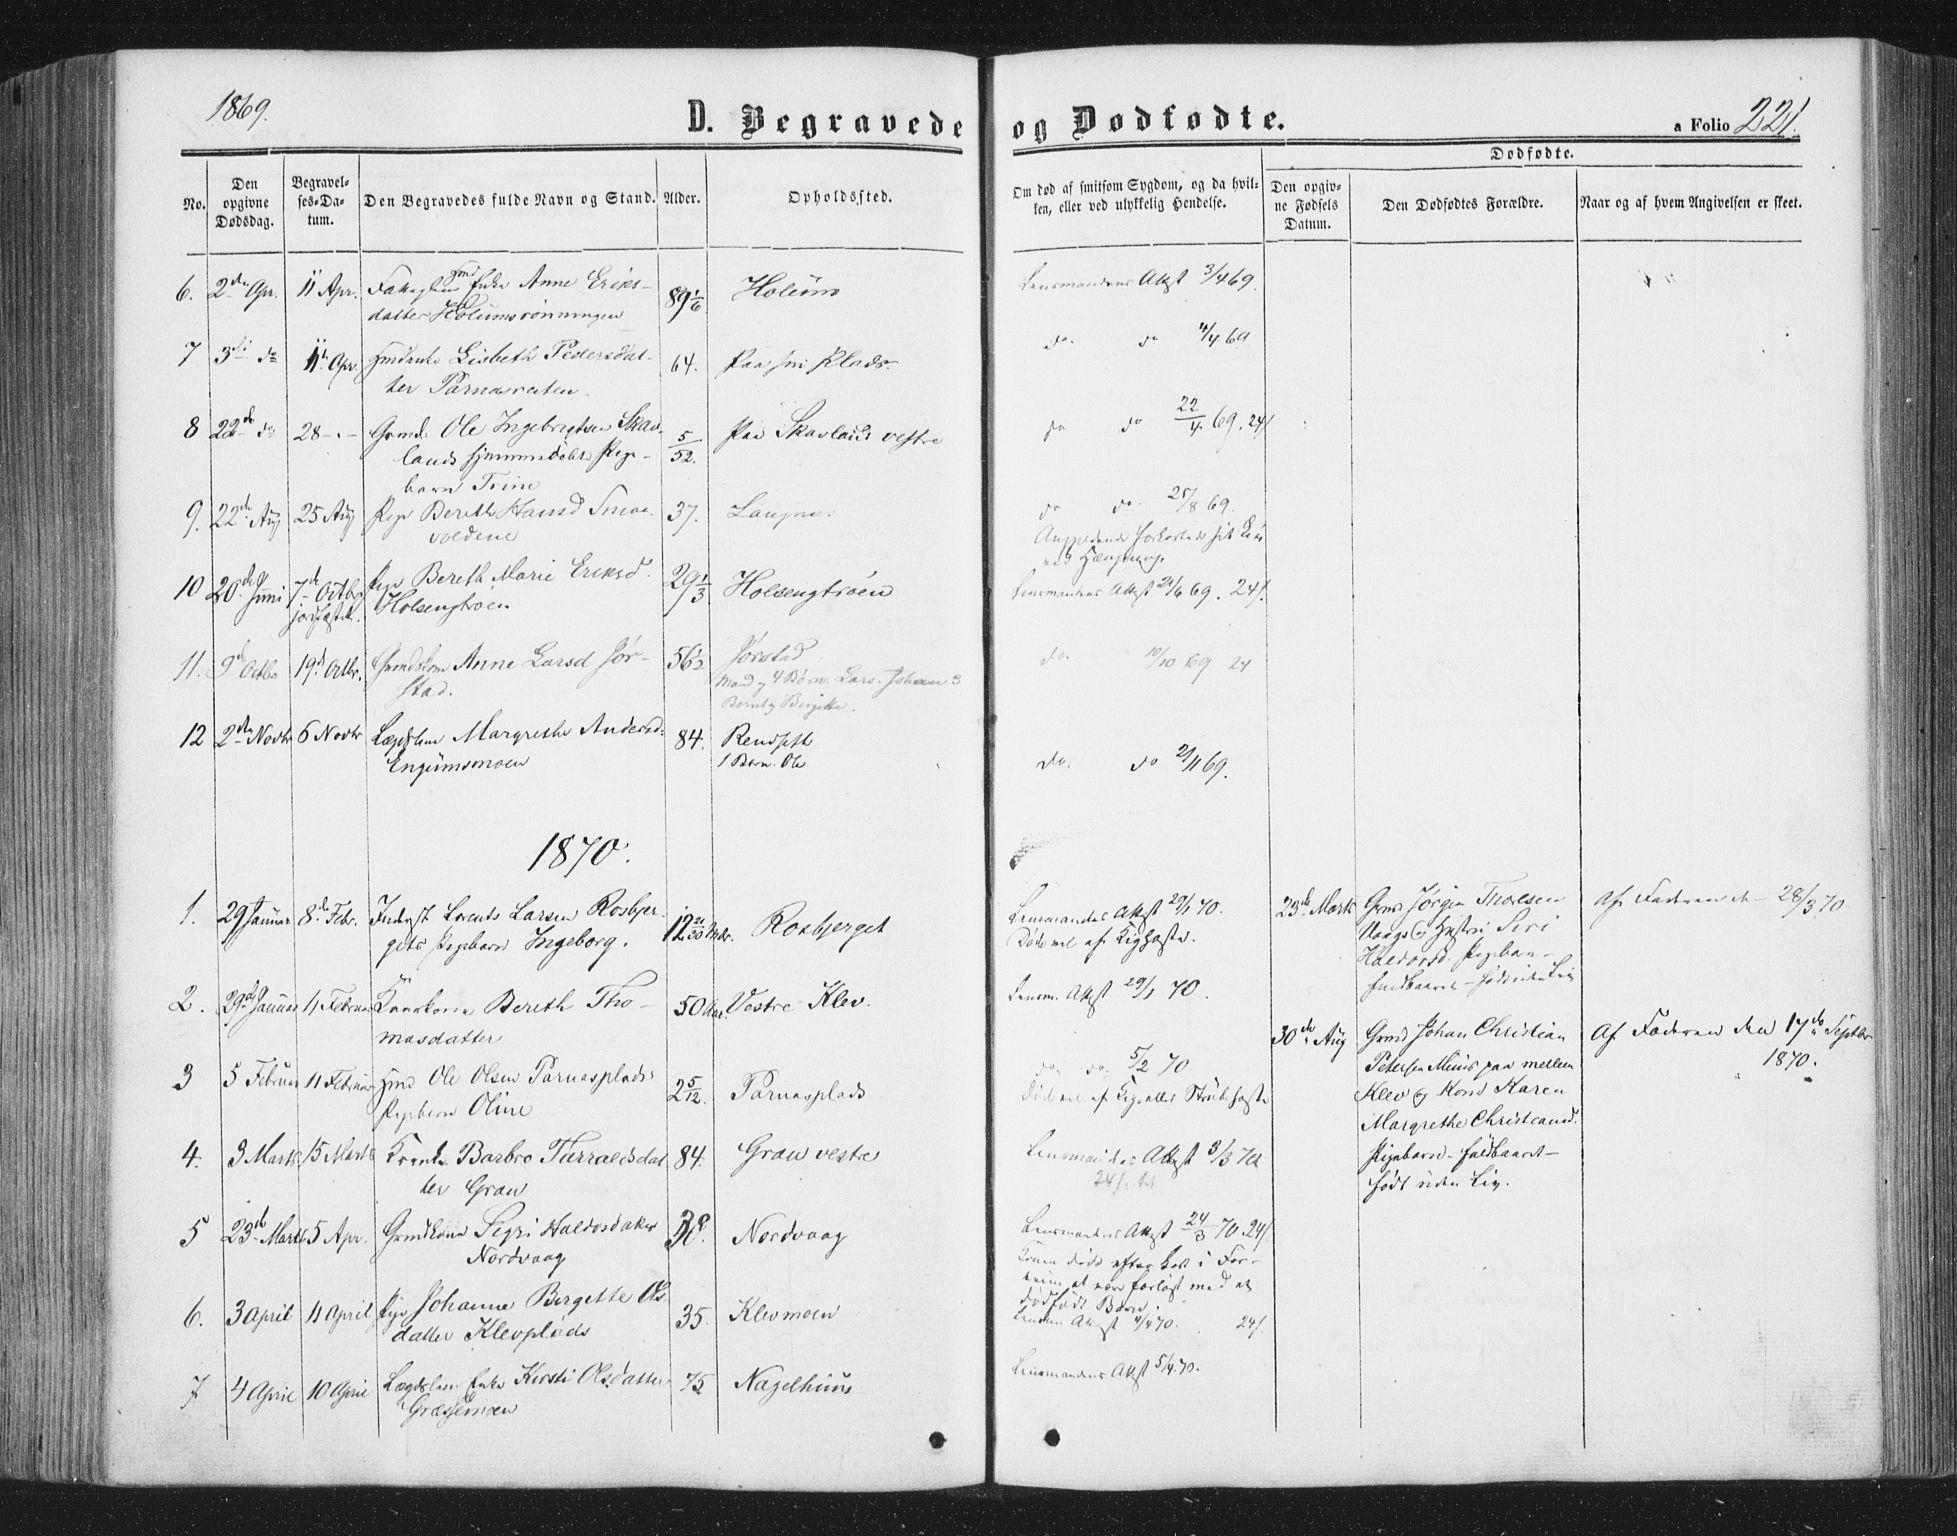 SAT, Ministerialprotokoller, klokkerbøker og fødselsregistre - Nord-Trøndelag, 749/L0472: Ministerialbok nr. 749A06, 1857-1873, s. 221